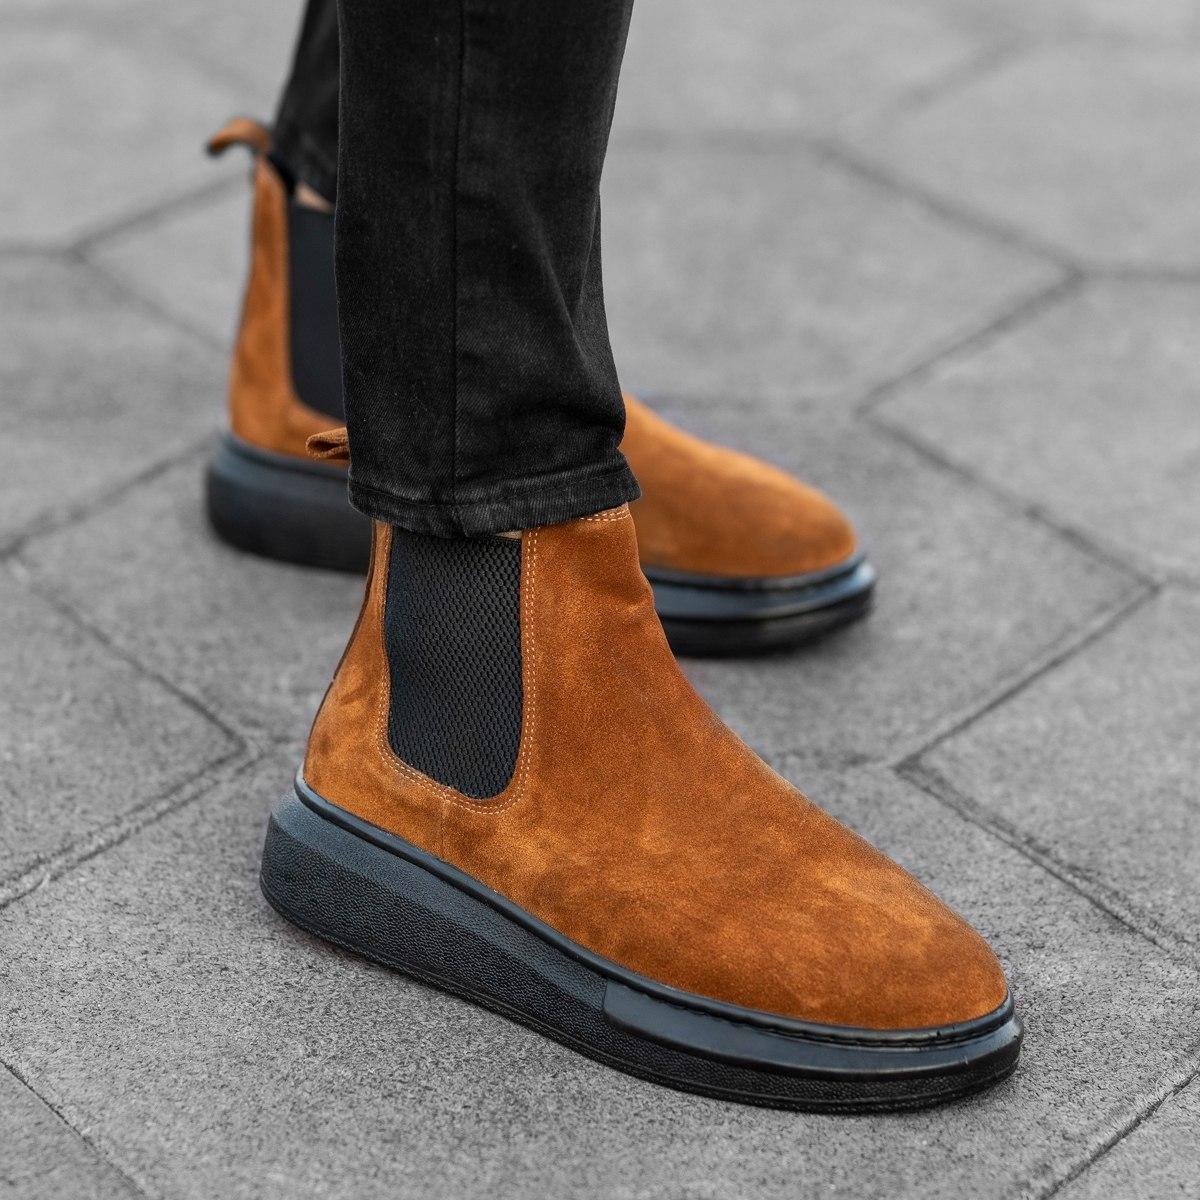 Herren Hype Sole Chelsea Boots Stiefel aus echtem Wildleder in braun Mv Premium Brand - 1